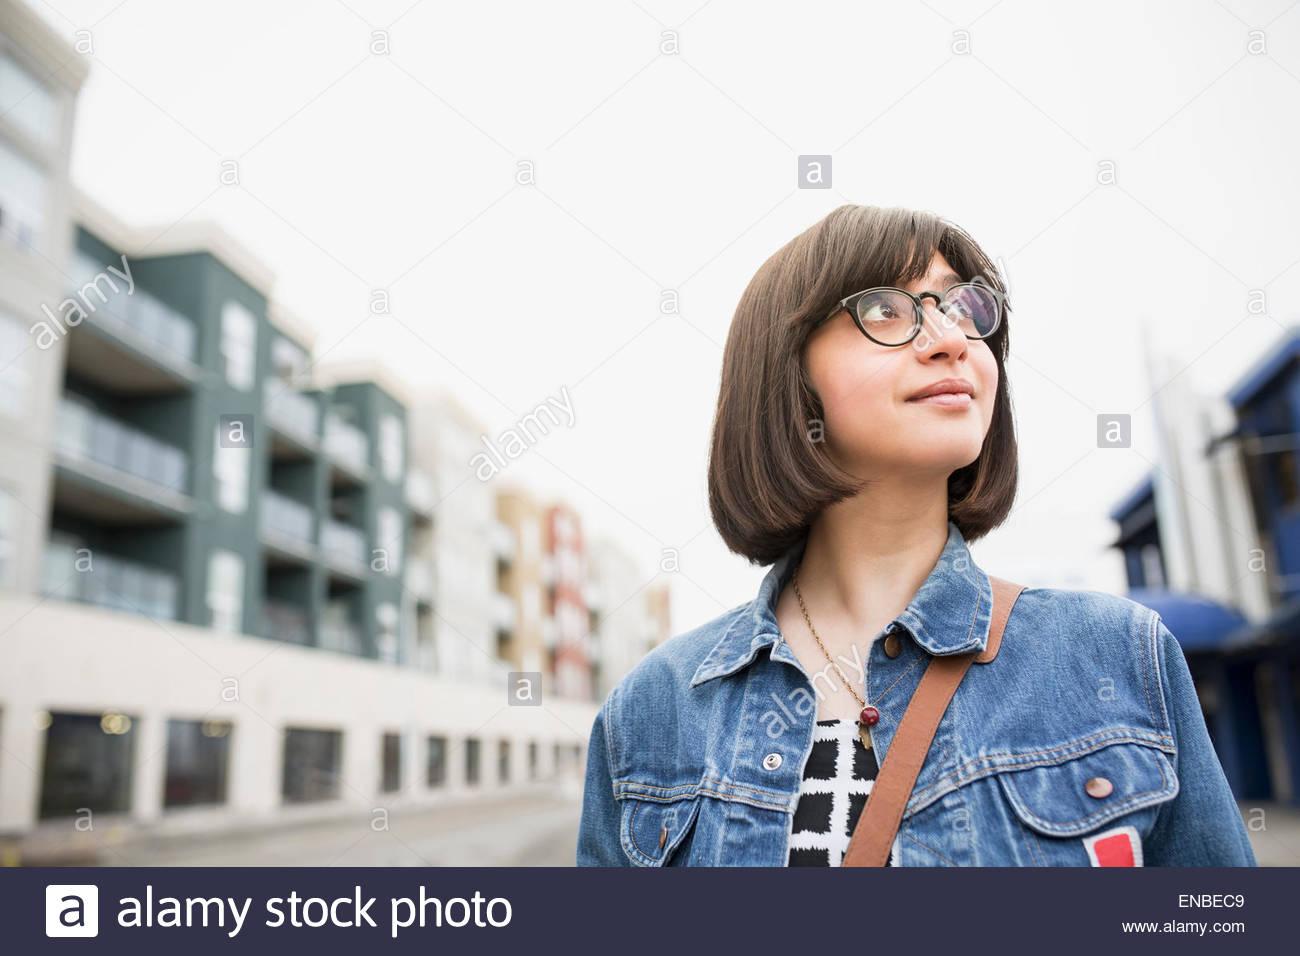 Mujer en jeans chaqueta en calle urbana Imagen De Stock